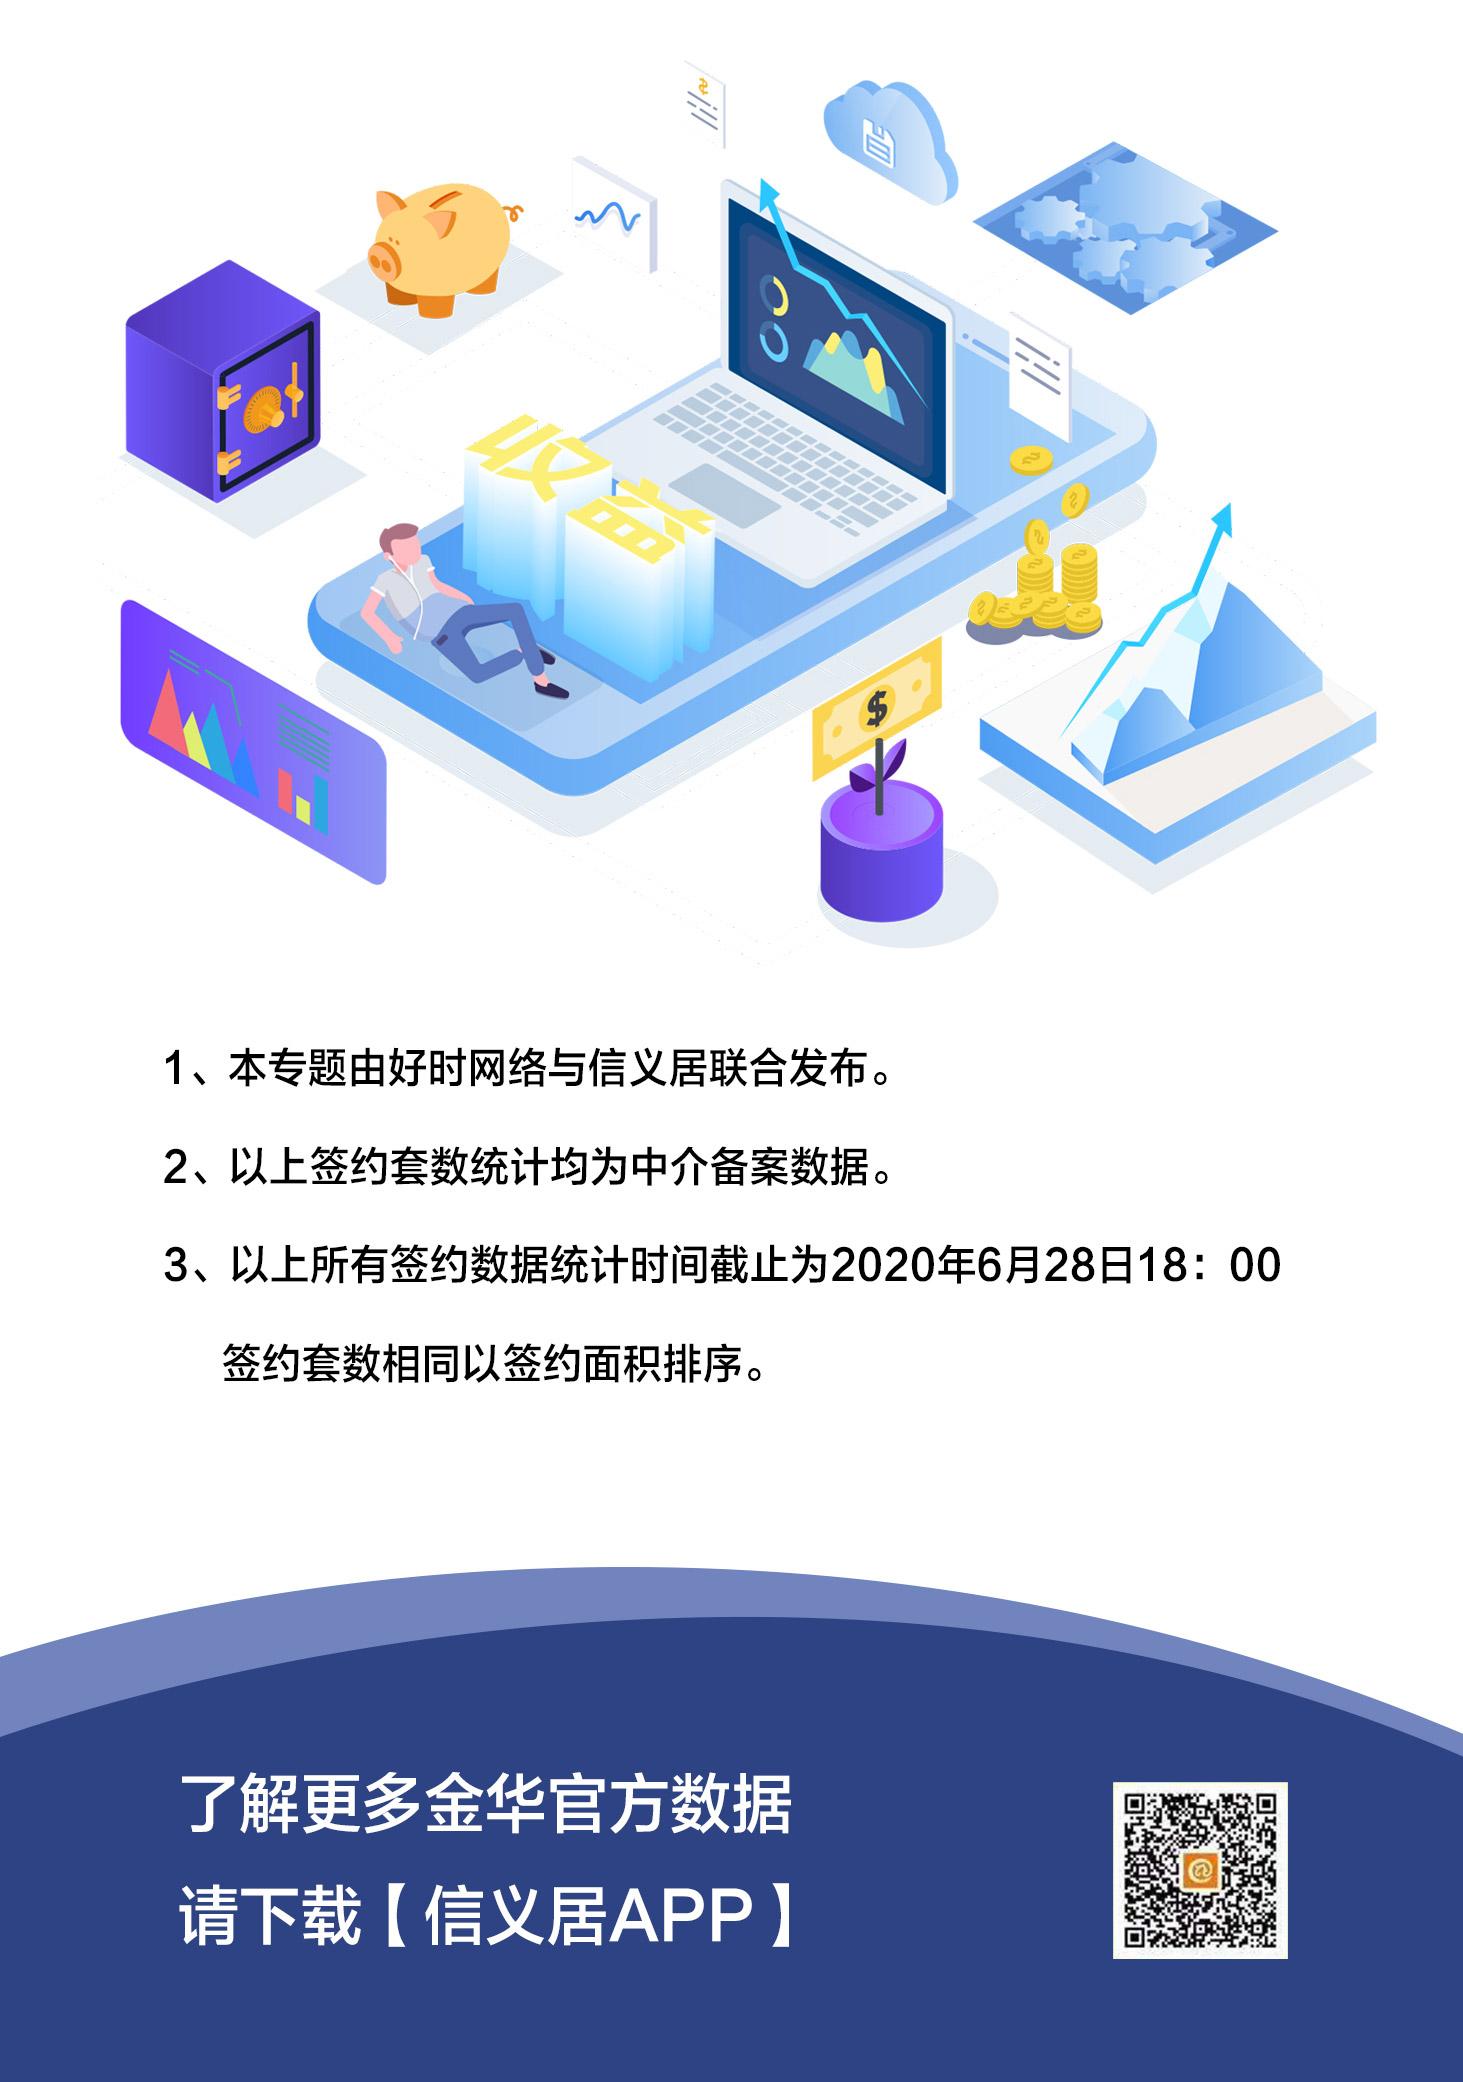 周报03_09.jpg